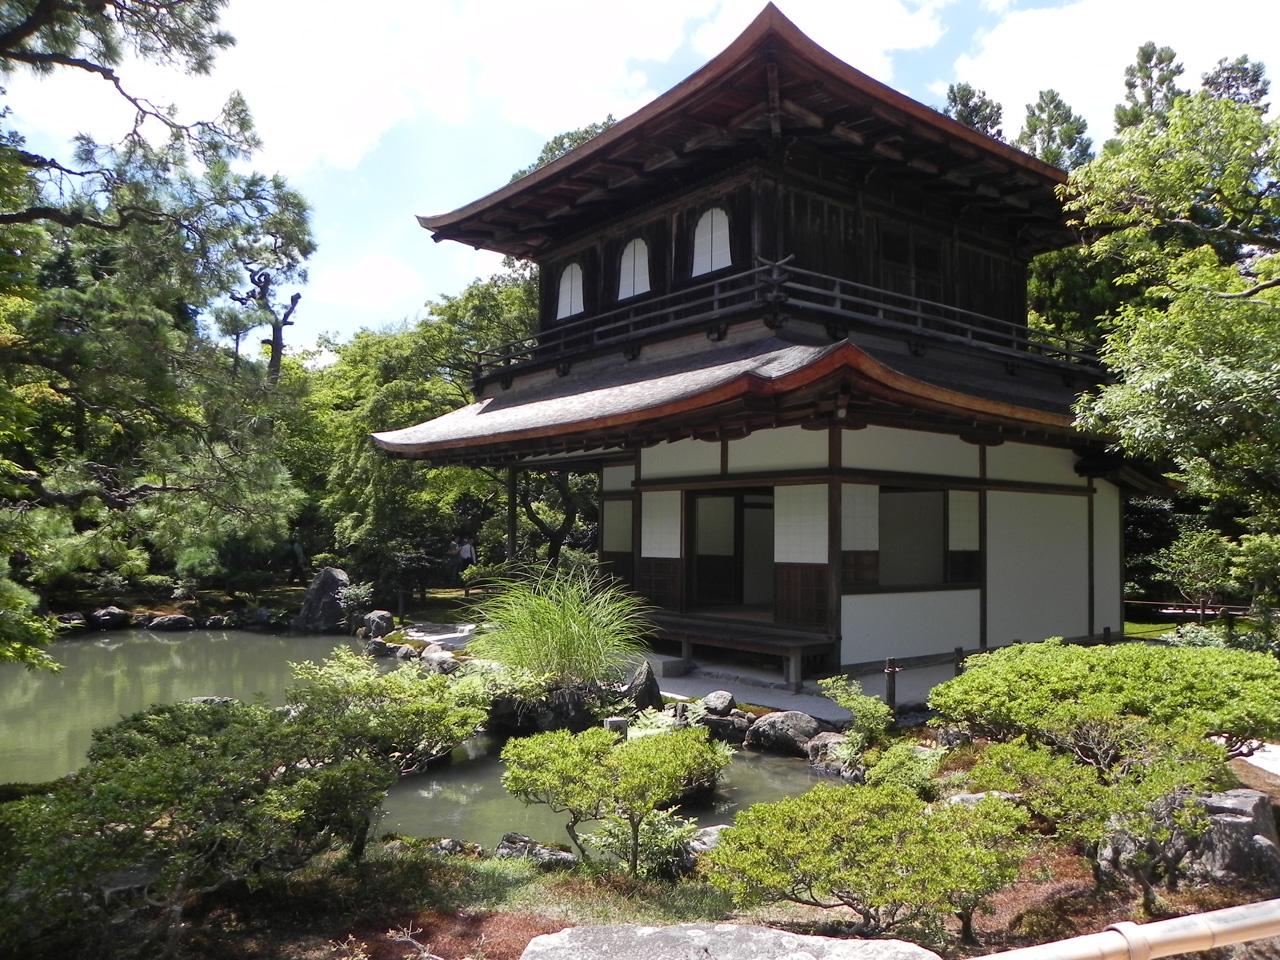 japán gaijin társkereső randevú oldalak özvegyek számára az Egyesült Államokban